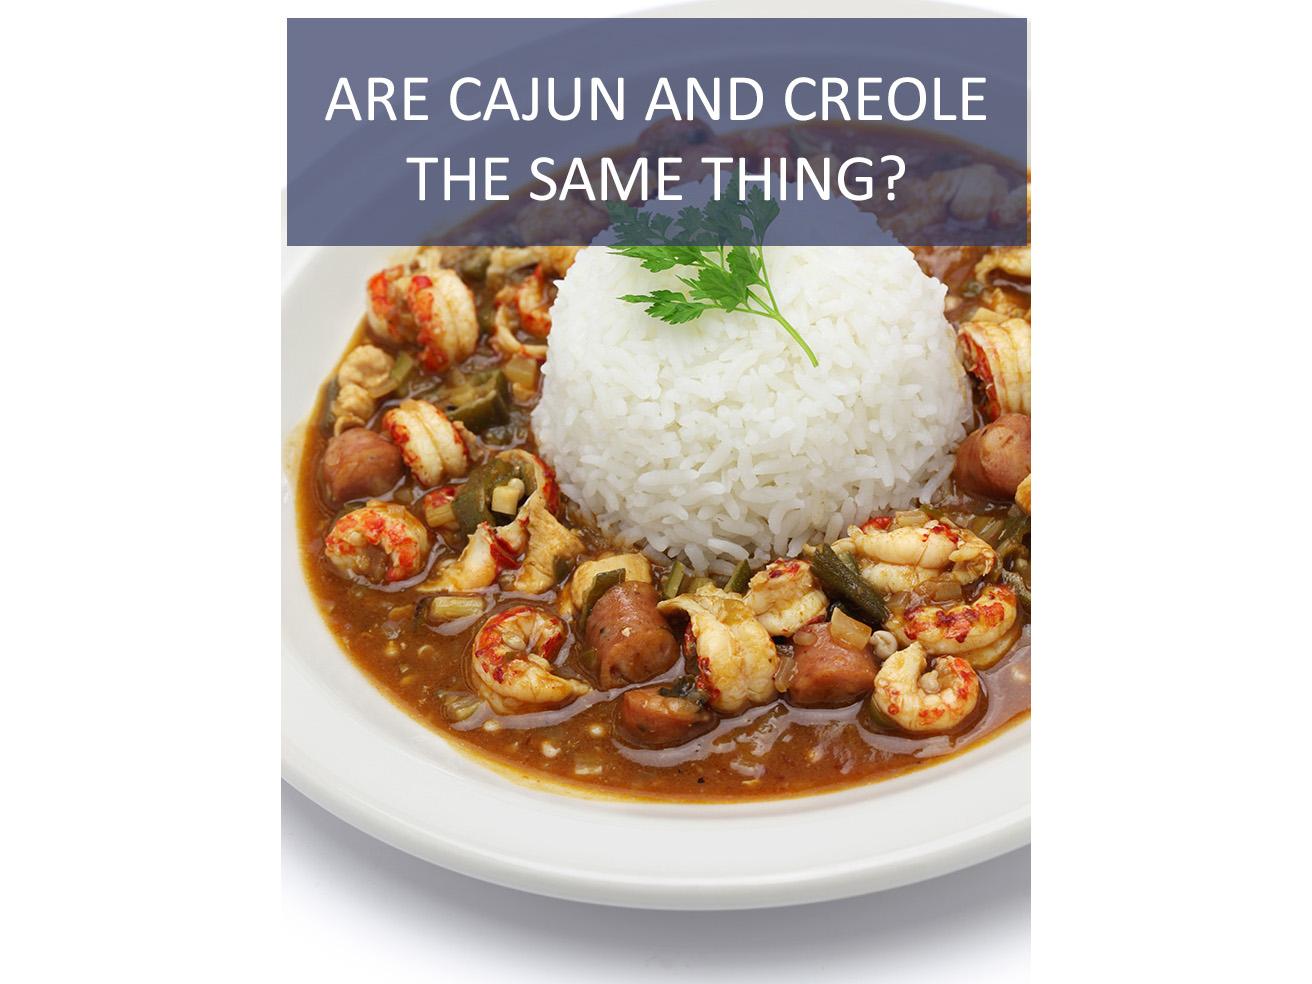 gumbo with crawfish, chicken & sausage